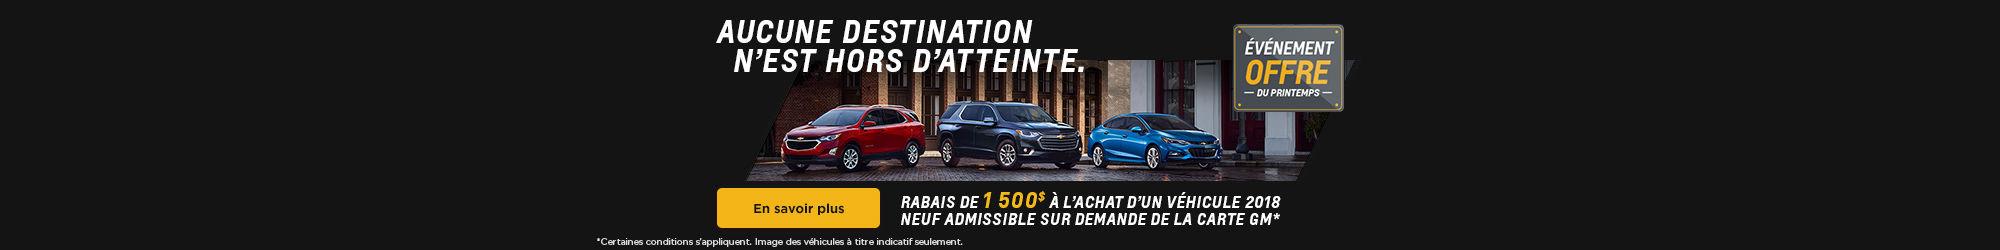 L'événement Offre du printemps - Chevrolet